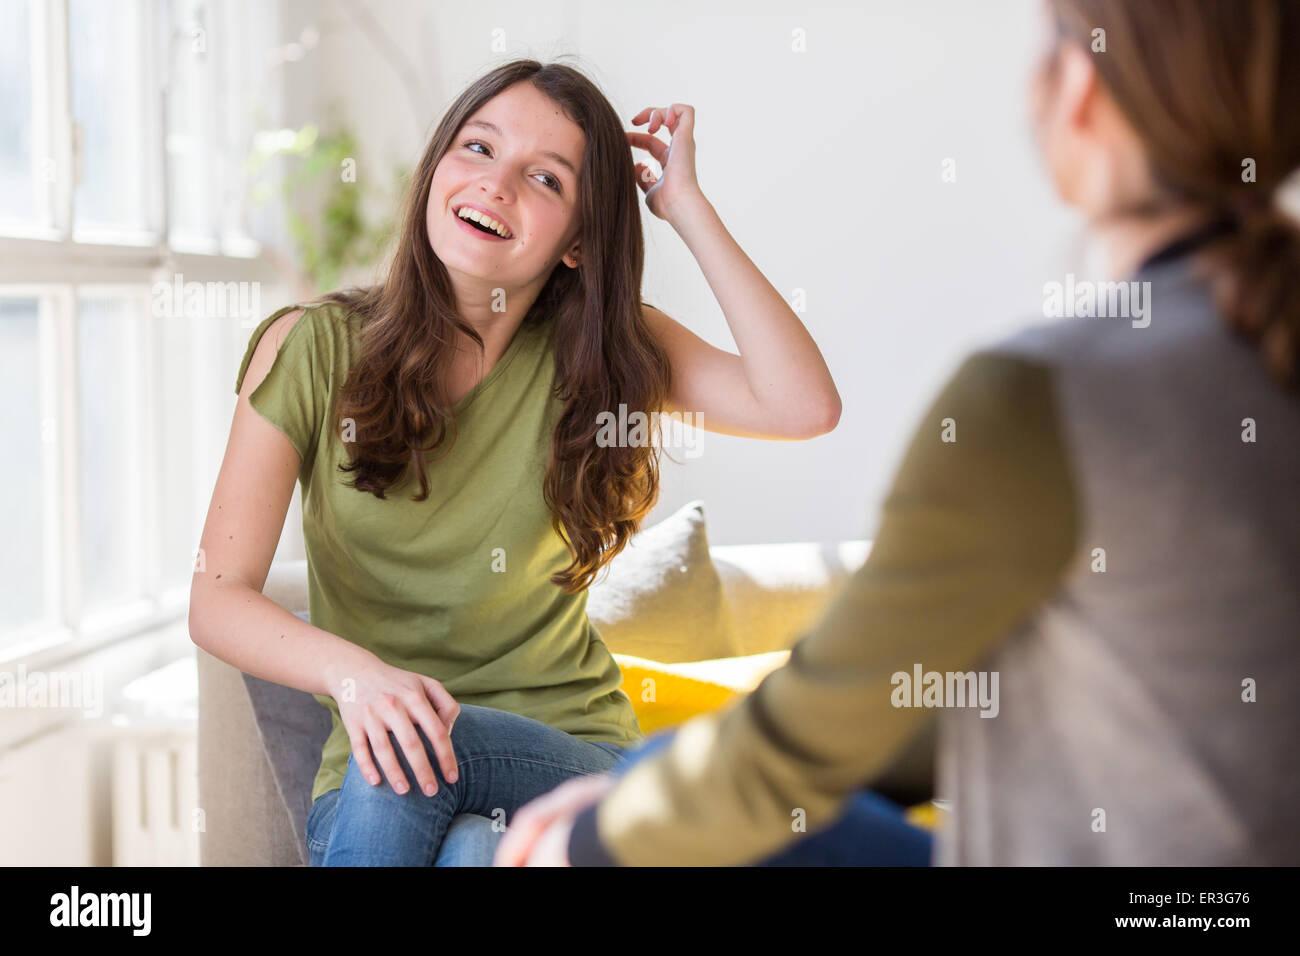 Donna discutendo con un adolescente. Immagini Stock